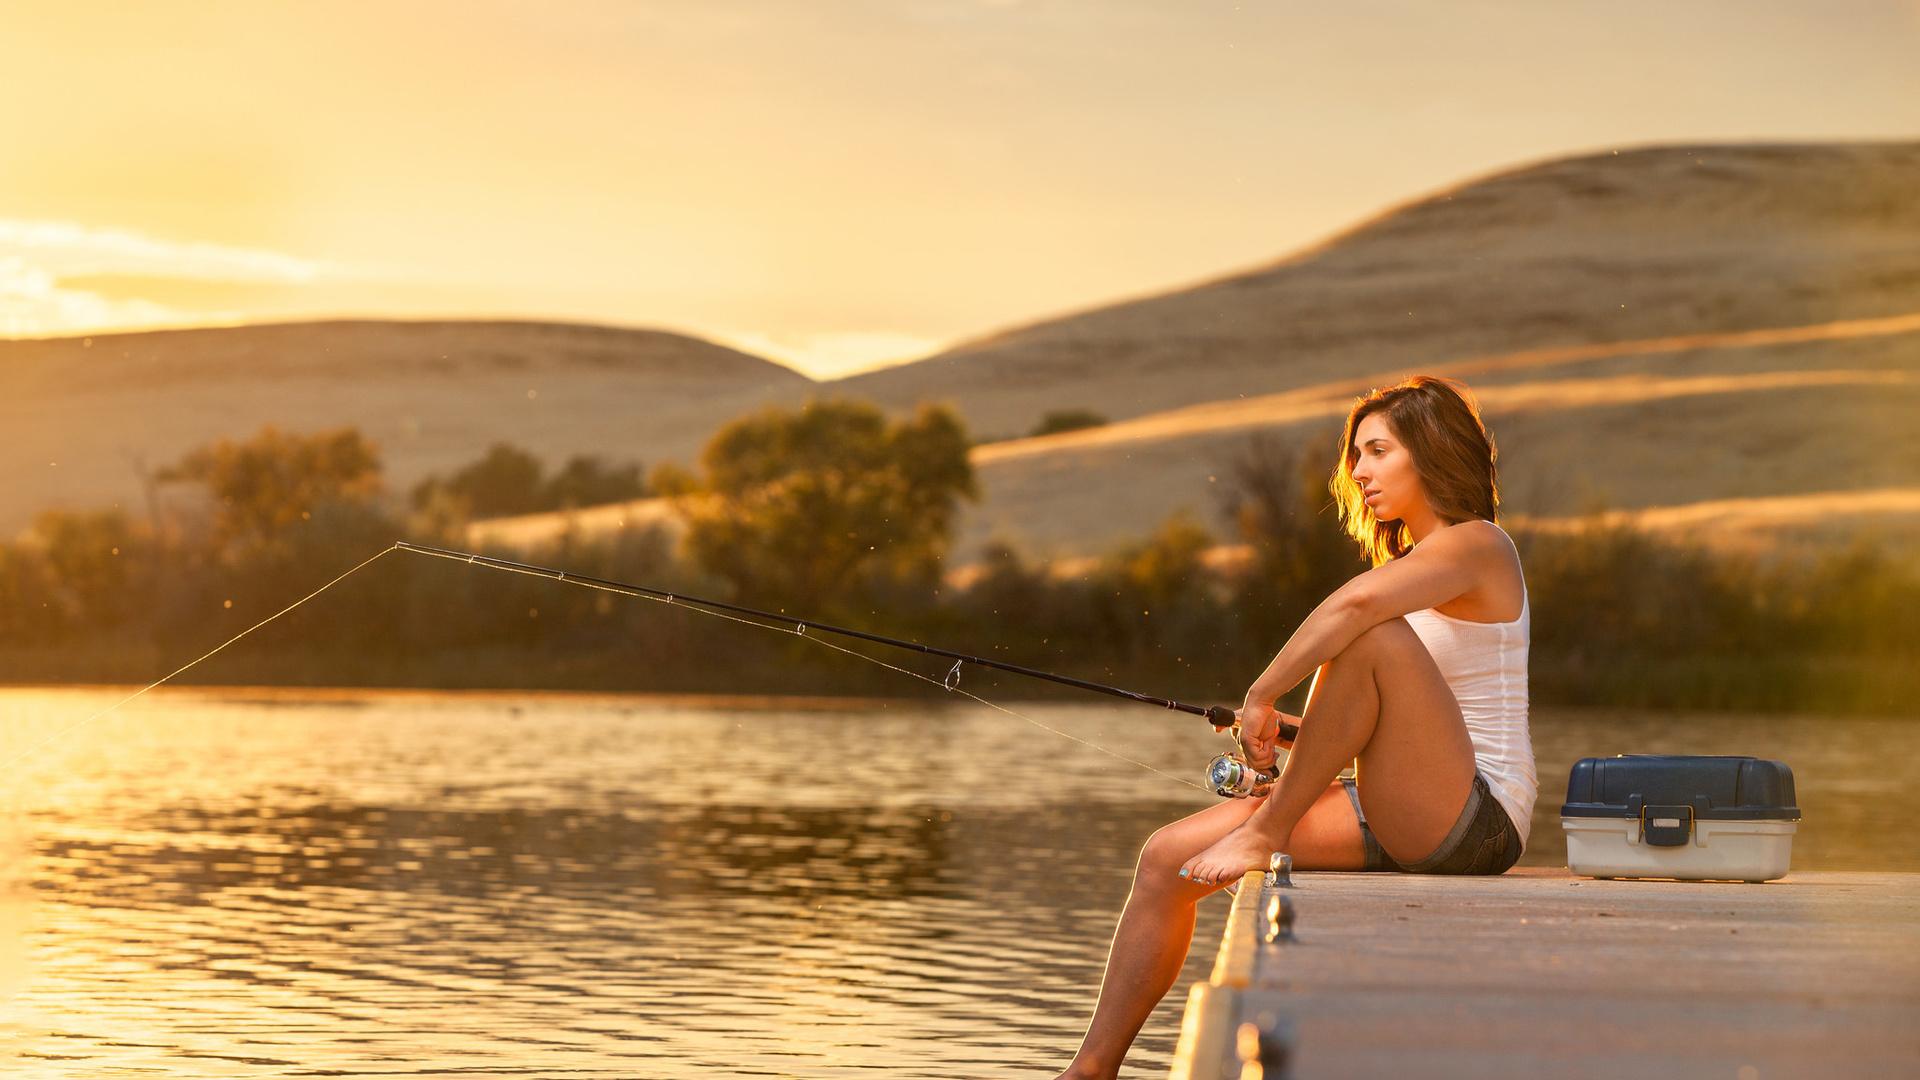 Картинка рыбалка женская